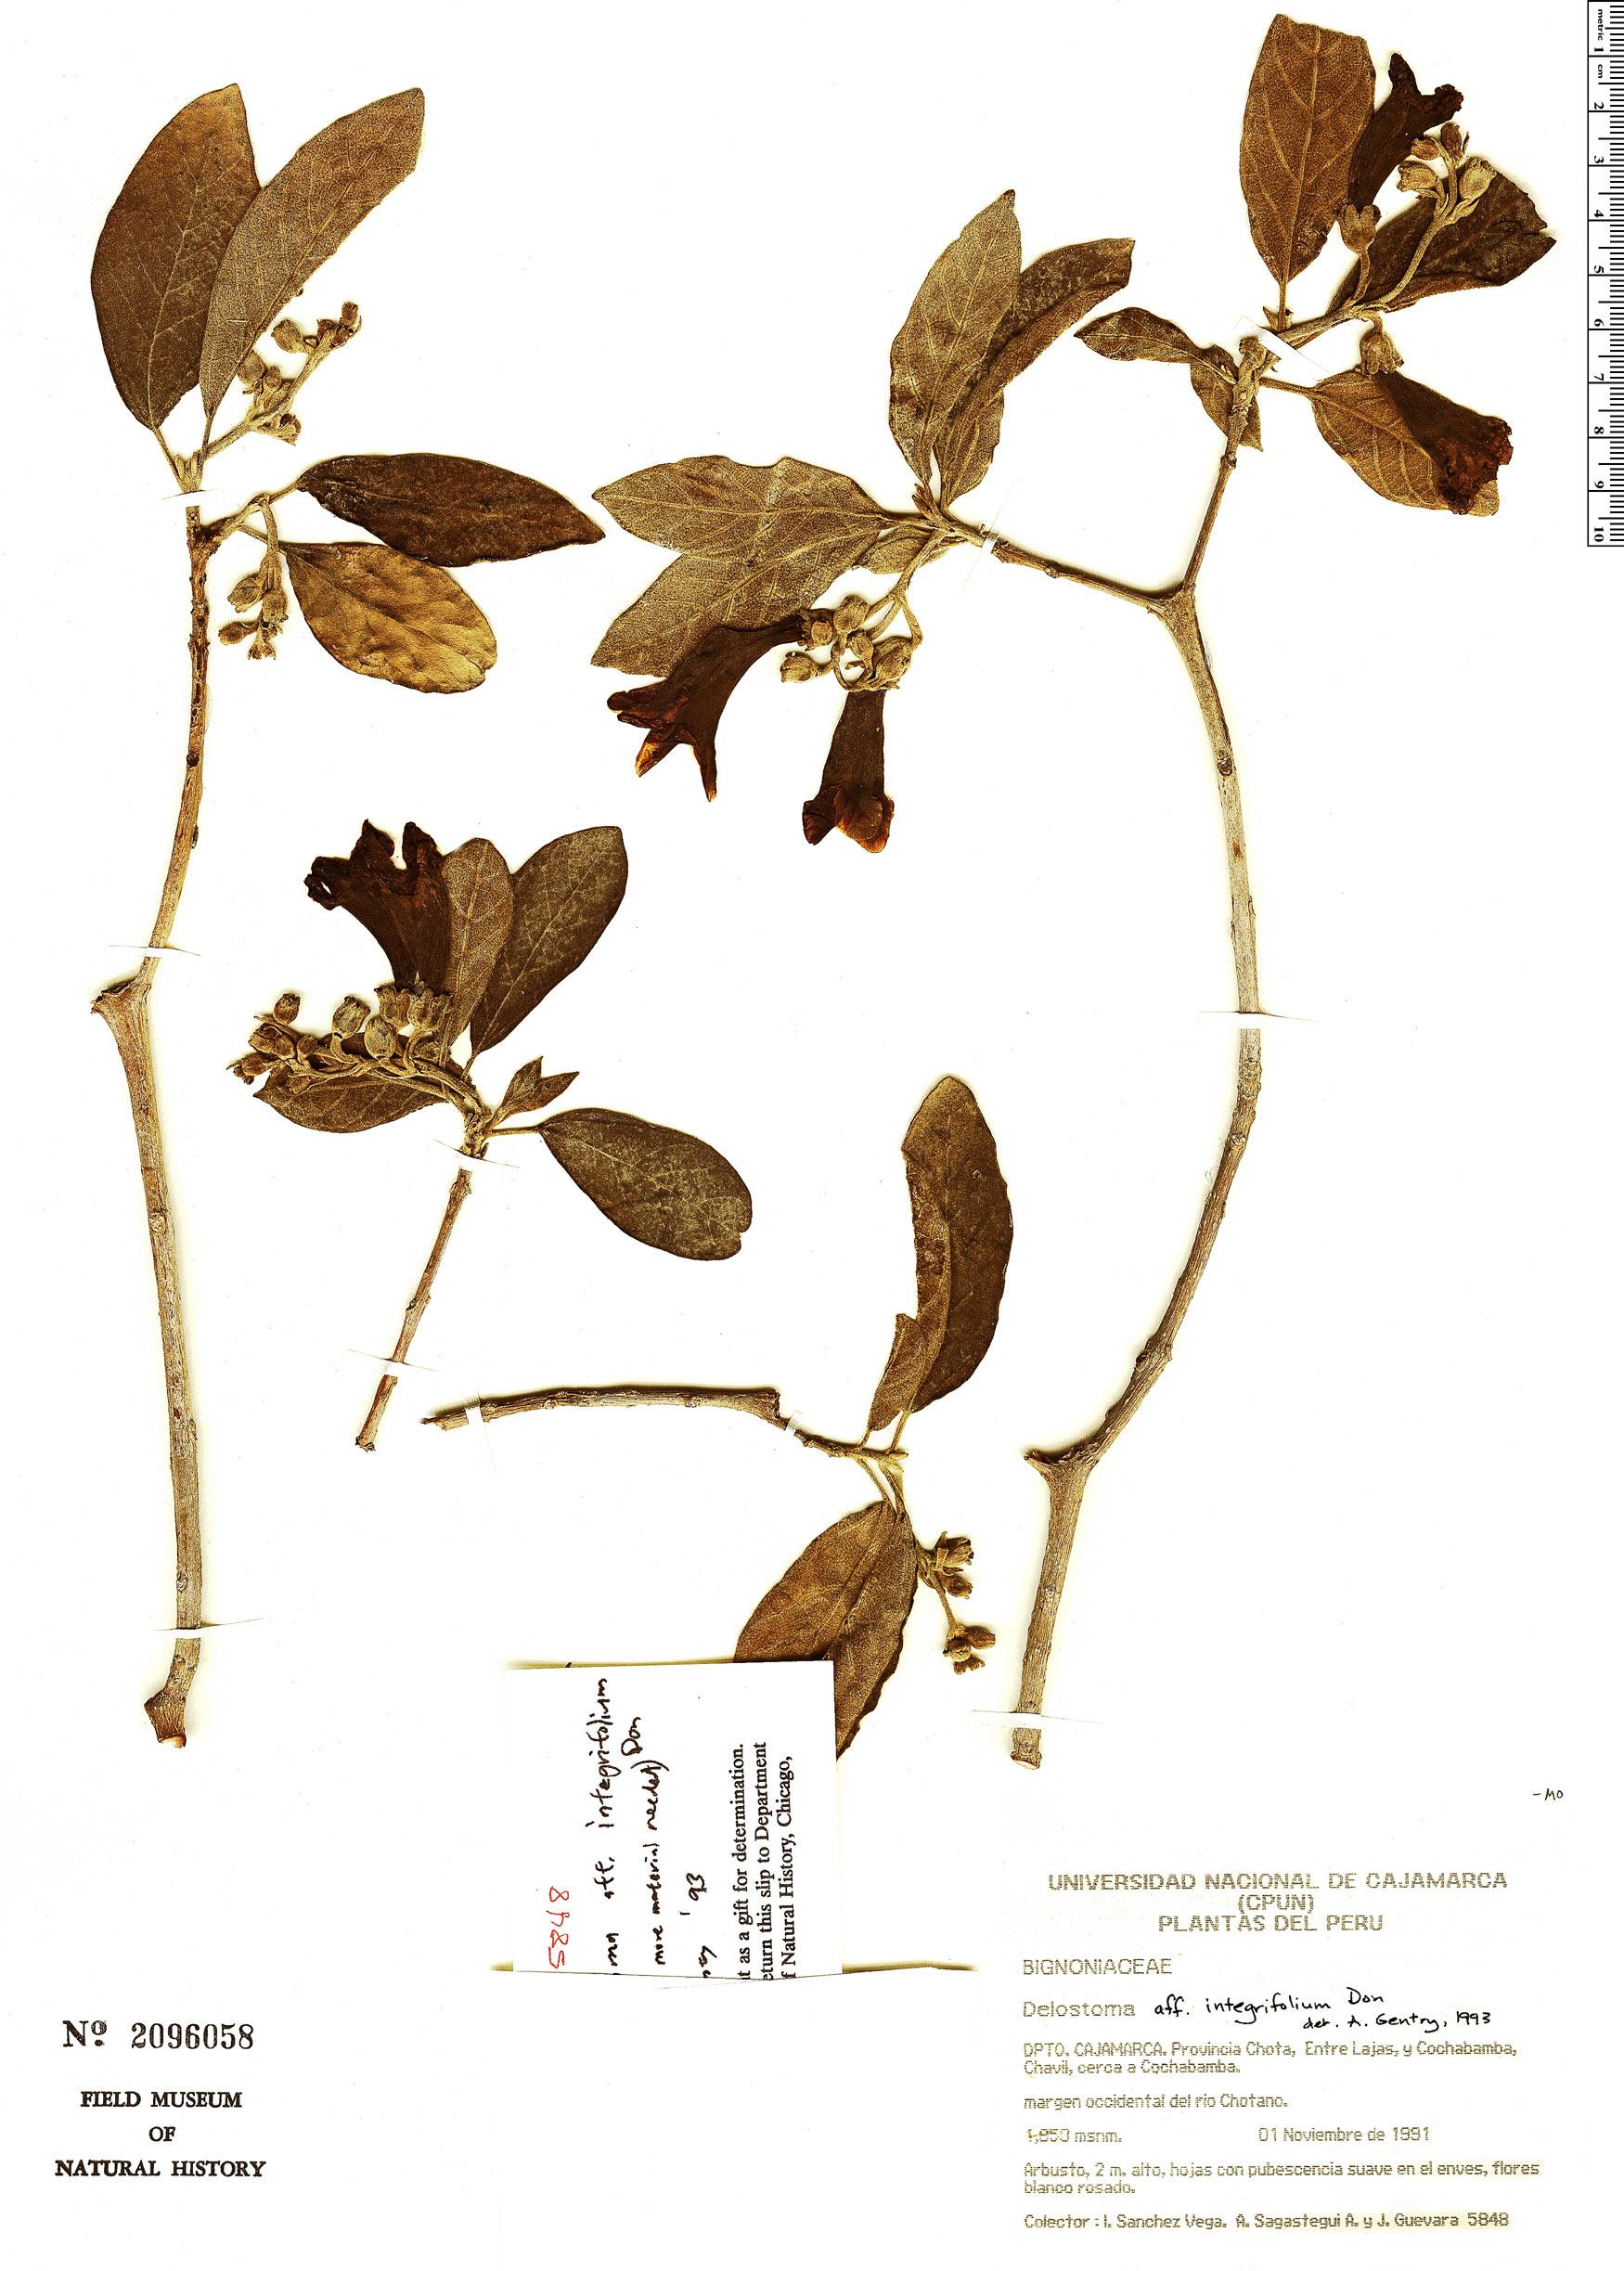 Espécime: Delostoma integrifolium